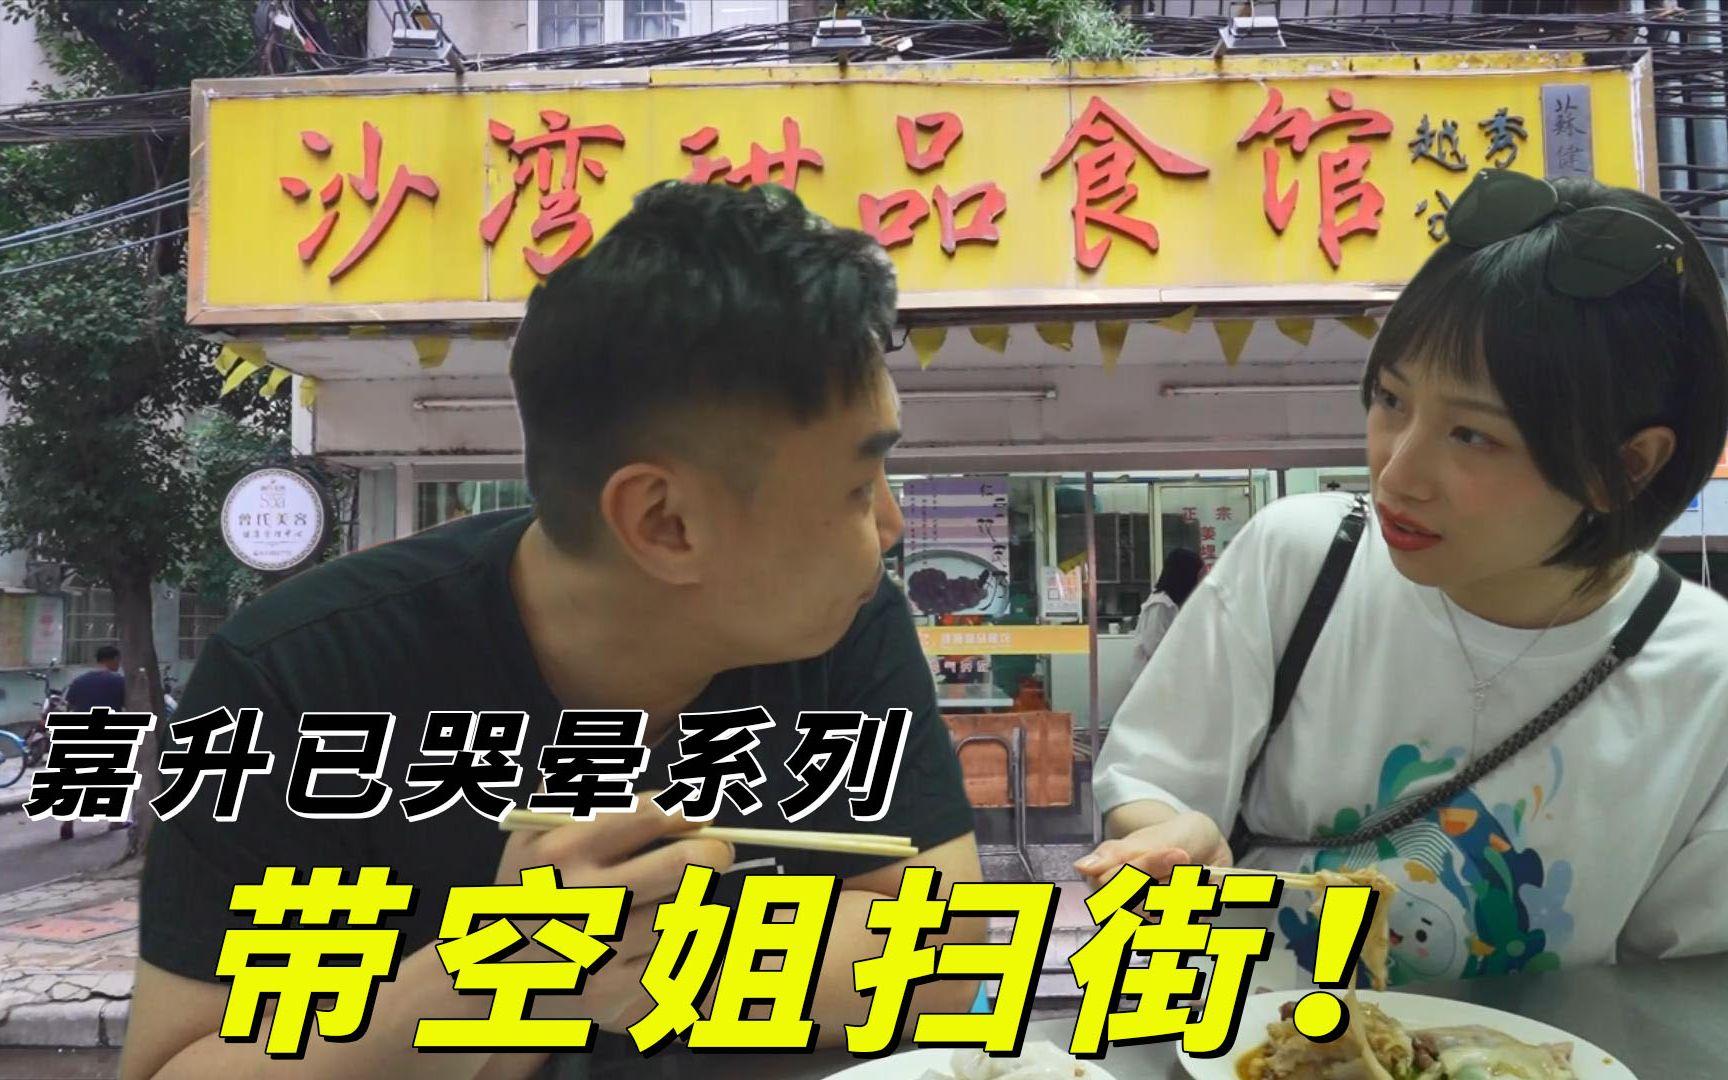 【品城记】姚大秋居然能约到空姐陪他去扫街探店? ! 嘉升已哭晕!